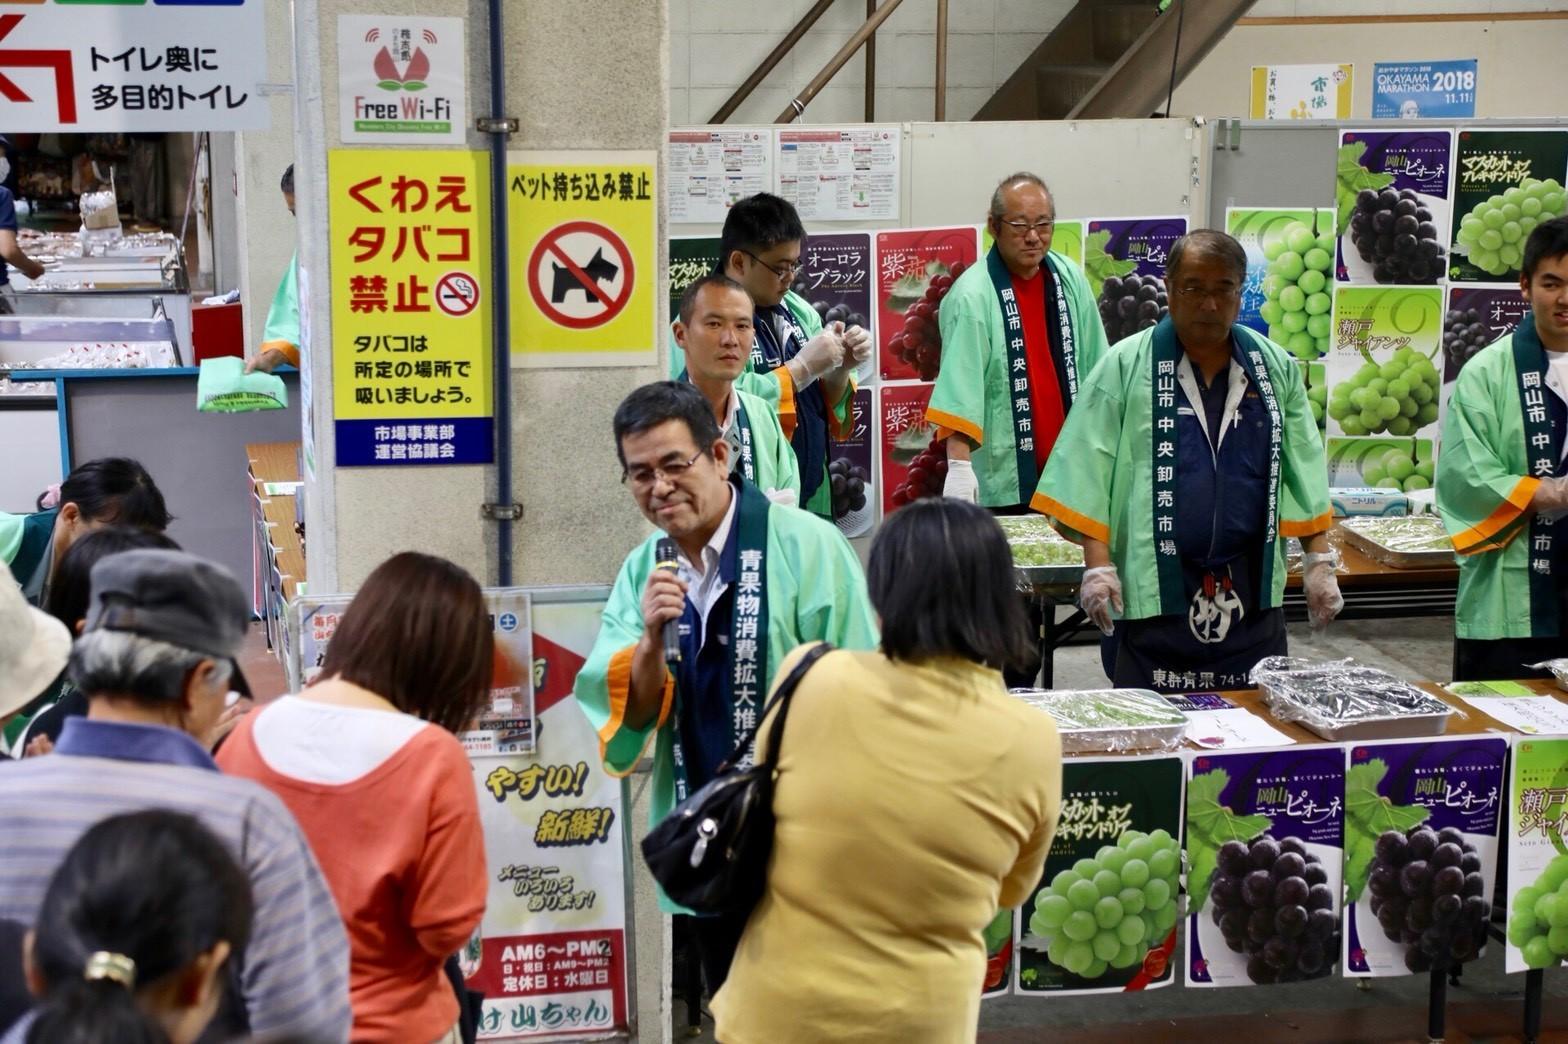 岡山県産 ぶどうの食べ比べ 結果発表_b0171839_12034121.jpg